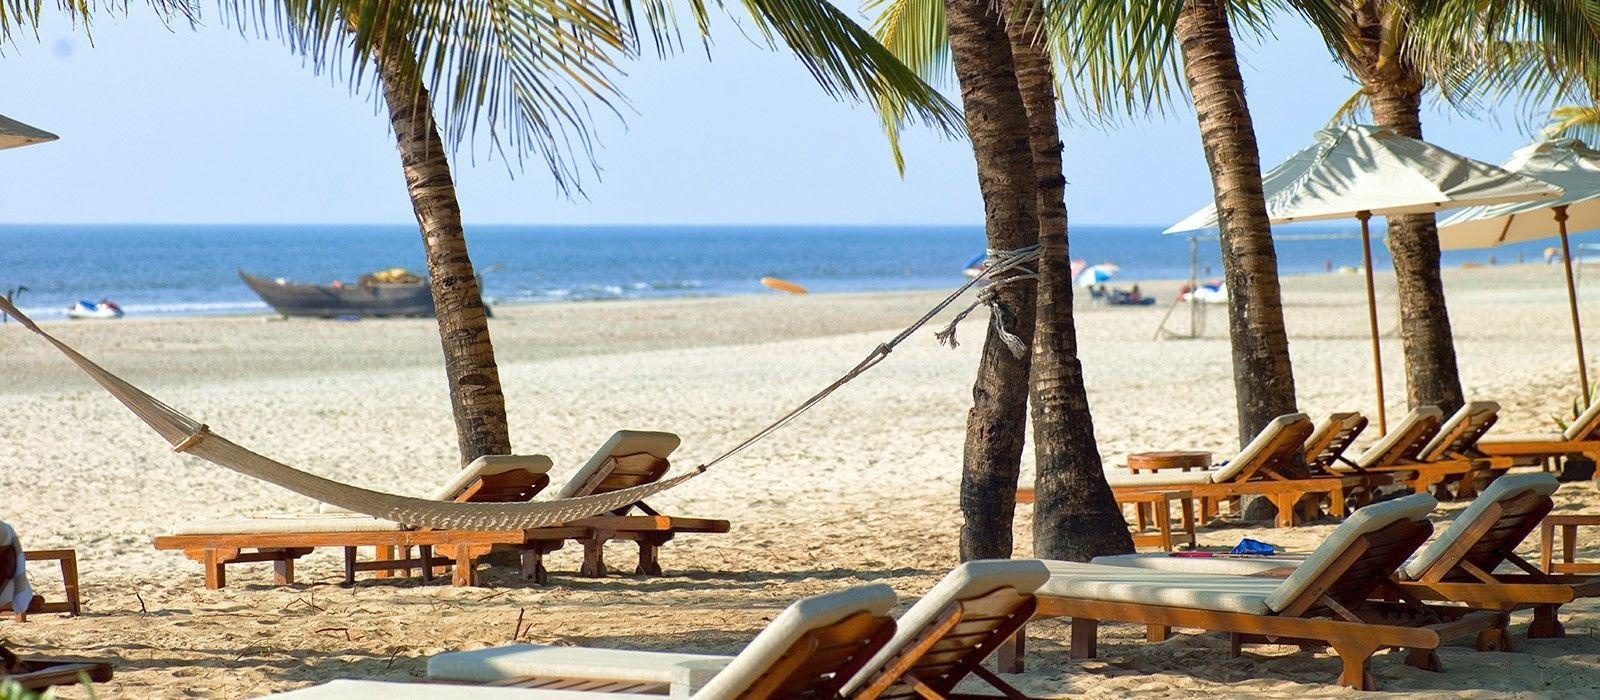 Luxuriöse Südindien Reise – Höhepunkte neu entdeckt Urlaub 5